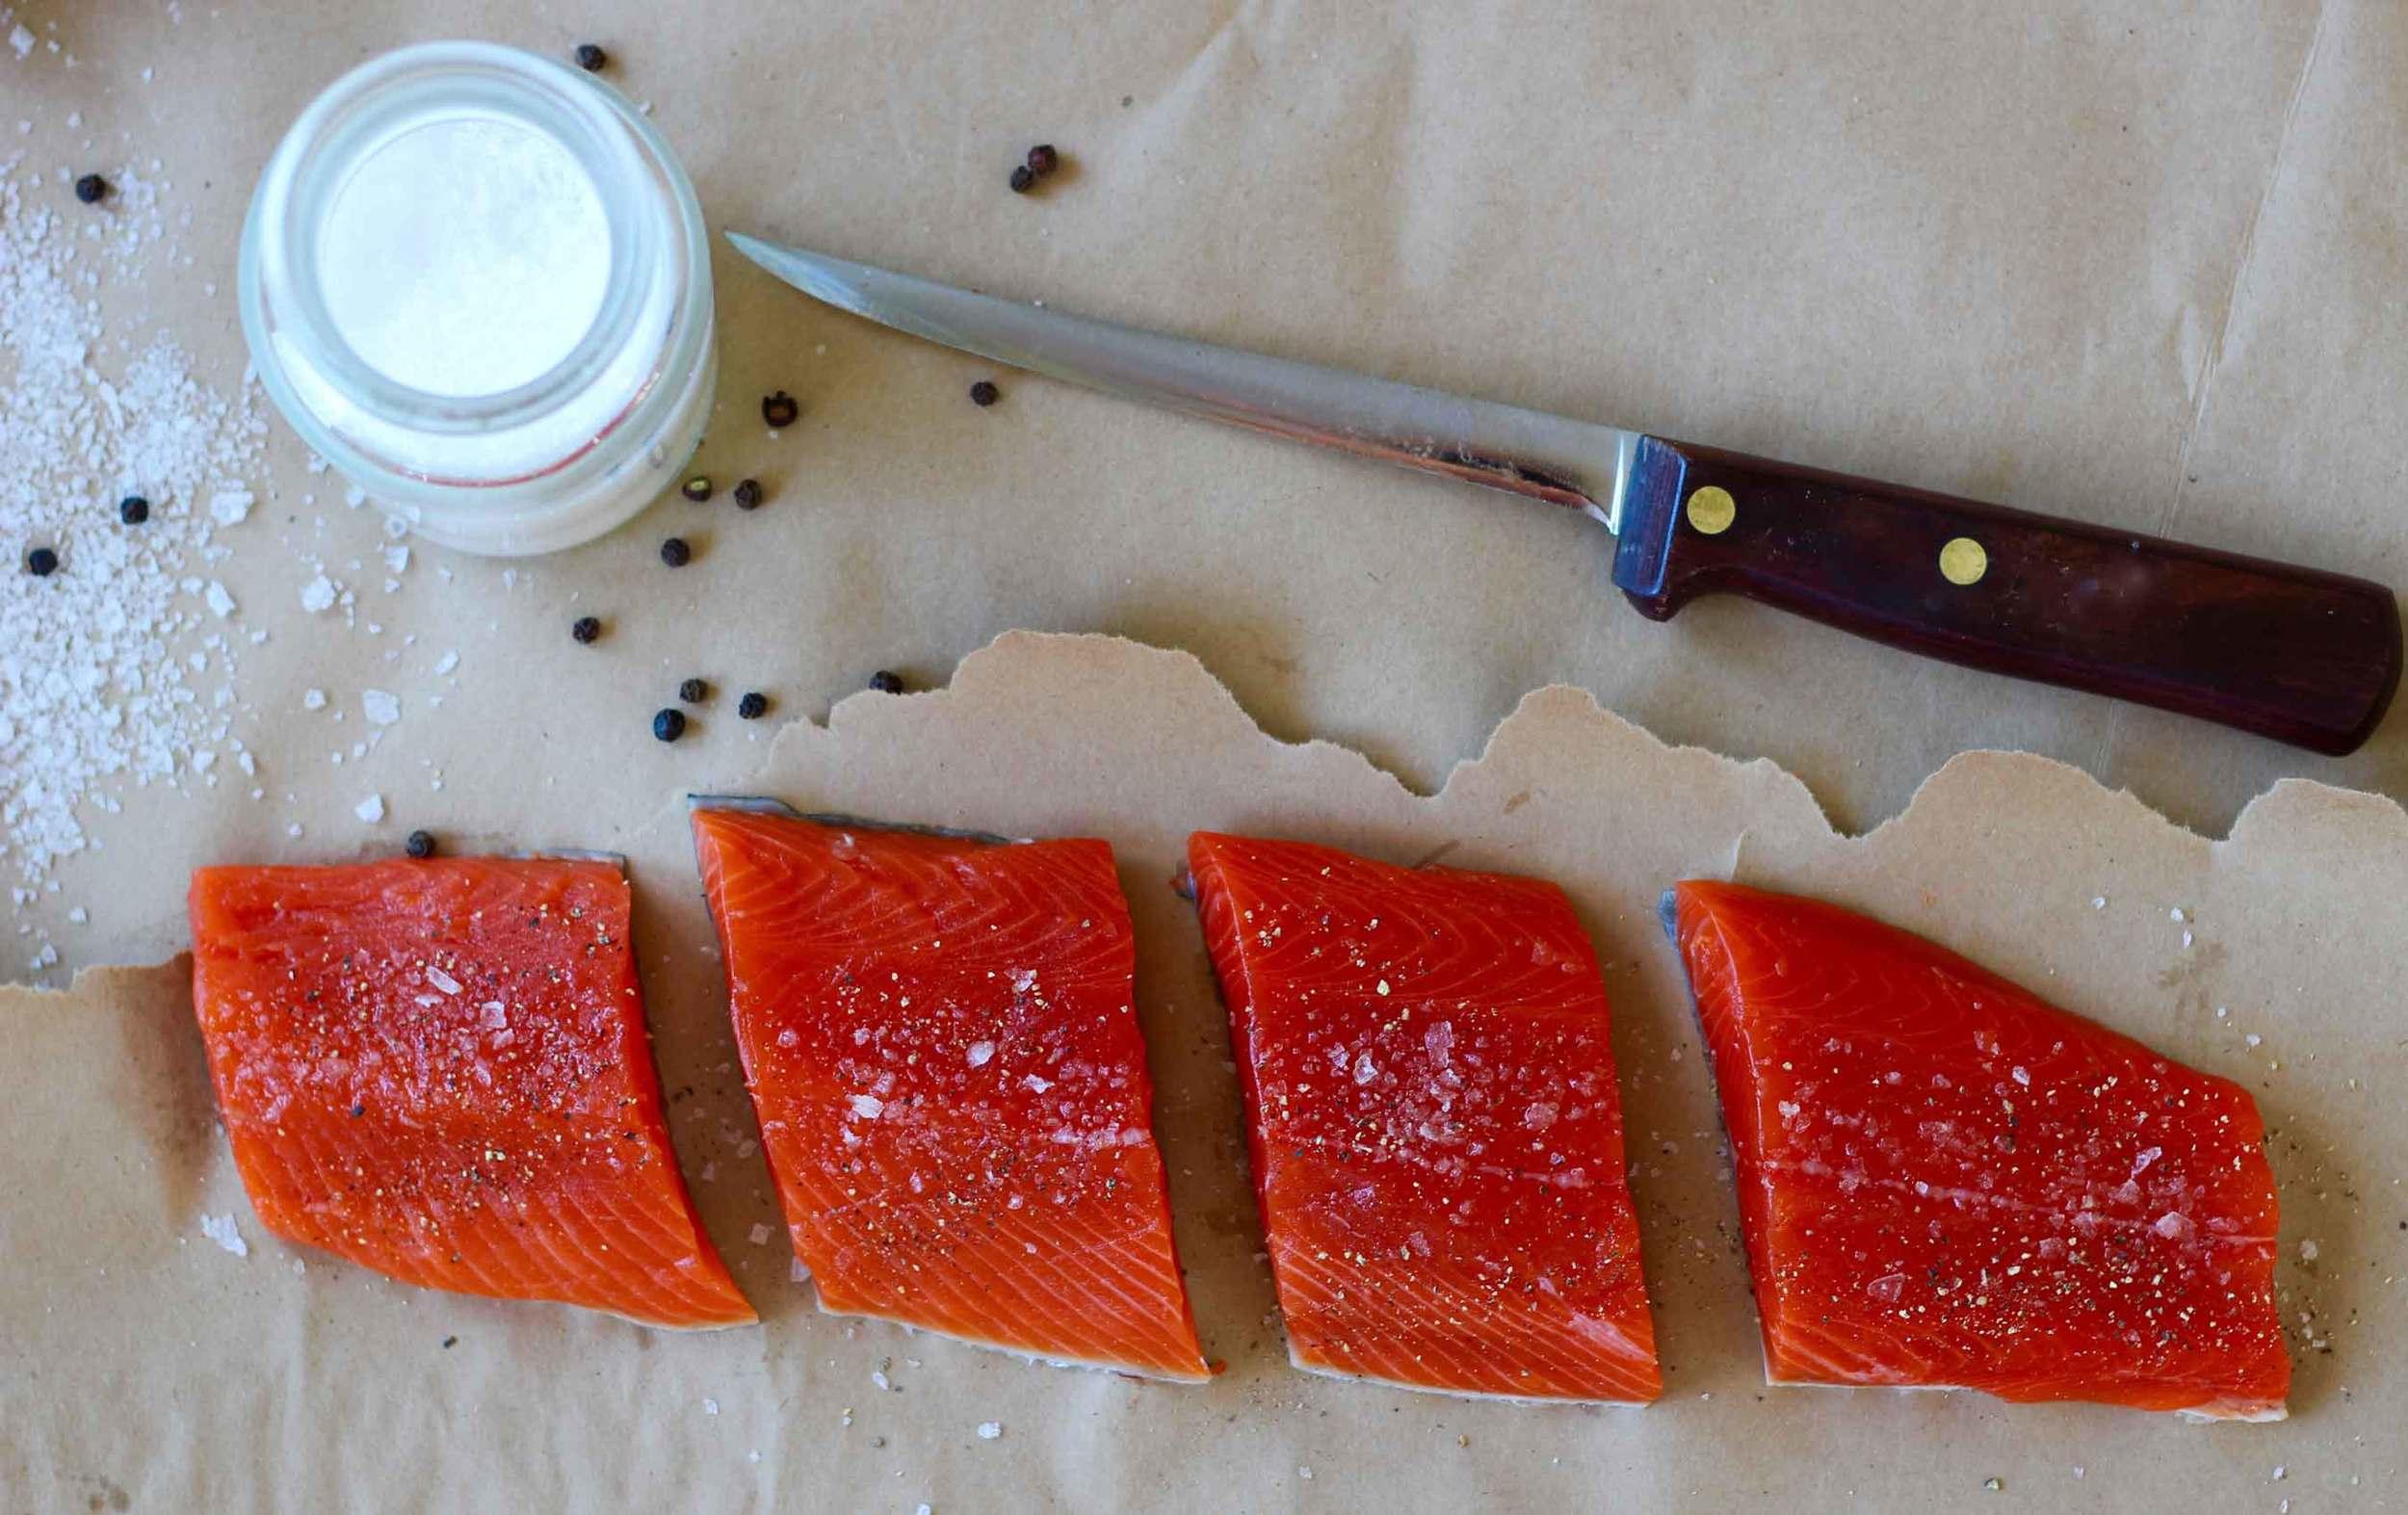 filleted sockeye salmon, Thread & Whisk